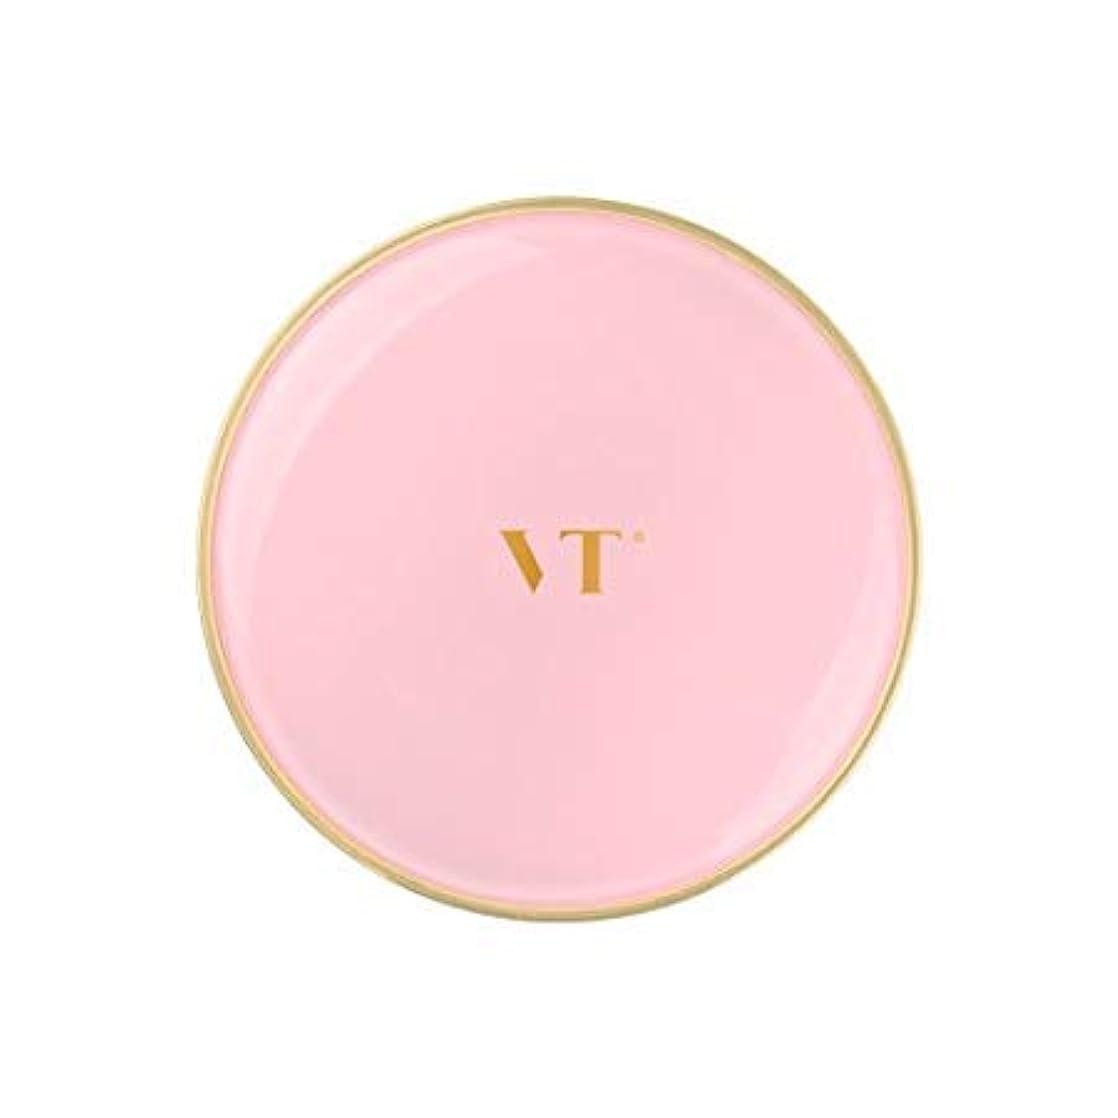 ポップポルティコ誓約VT Collagen Pact 21号 11g /ブイティーコラーゲンパクト11g #21 【並行輸入品】